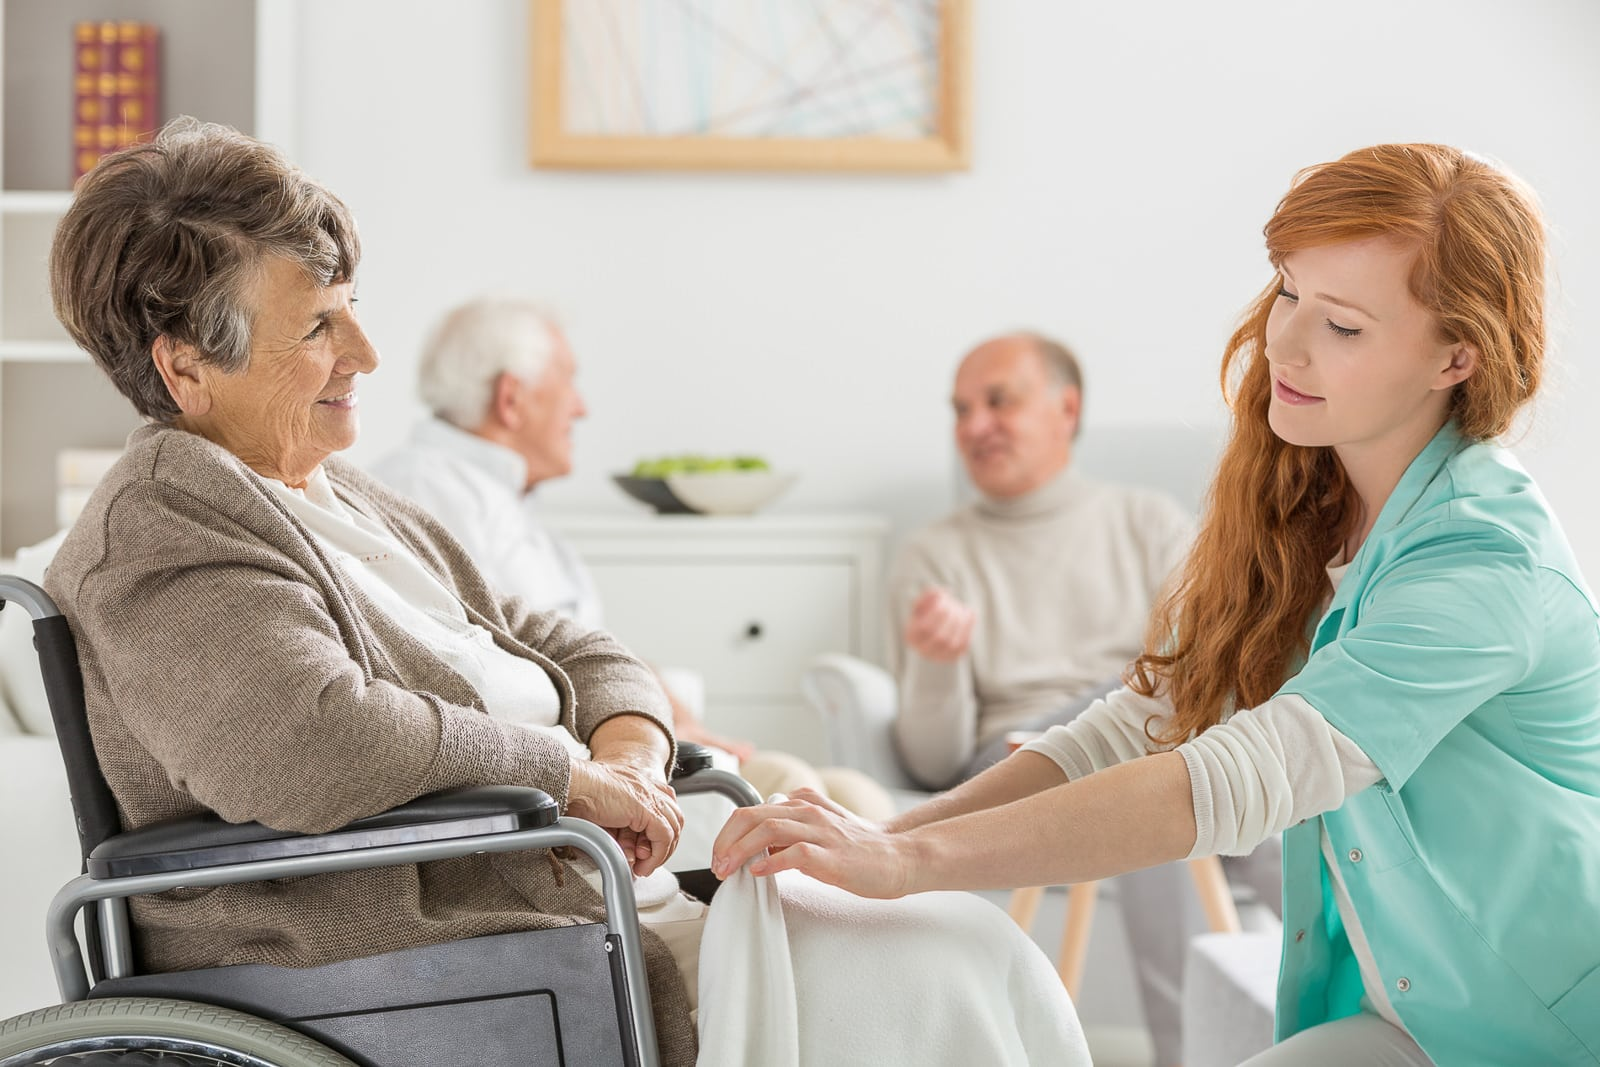 Altenpfleger/in hilft bei selbstständiger Lebensführung